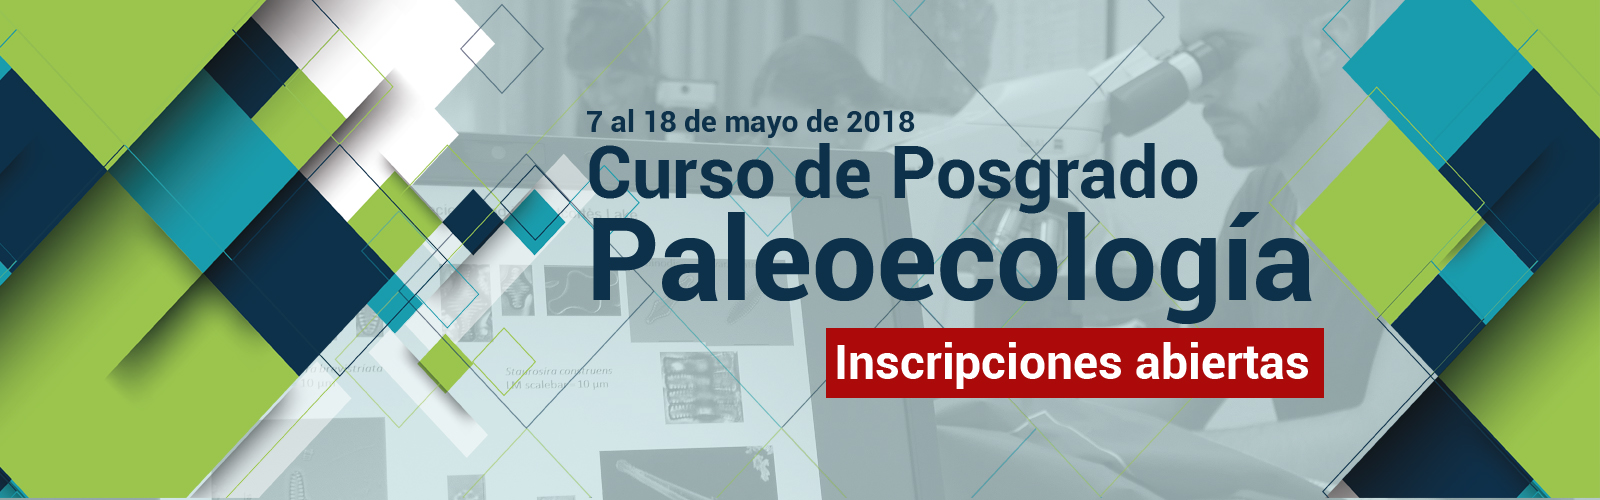 CursoPaleo2018_Slider-Home-1600x500C